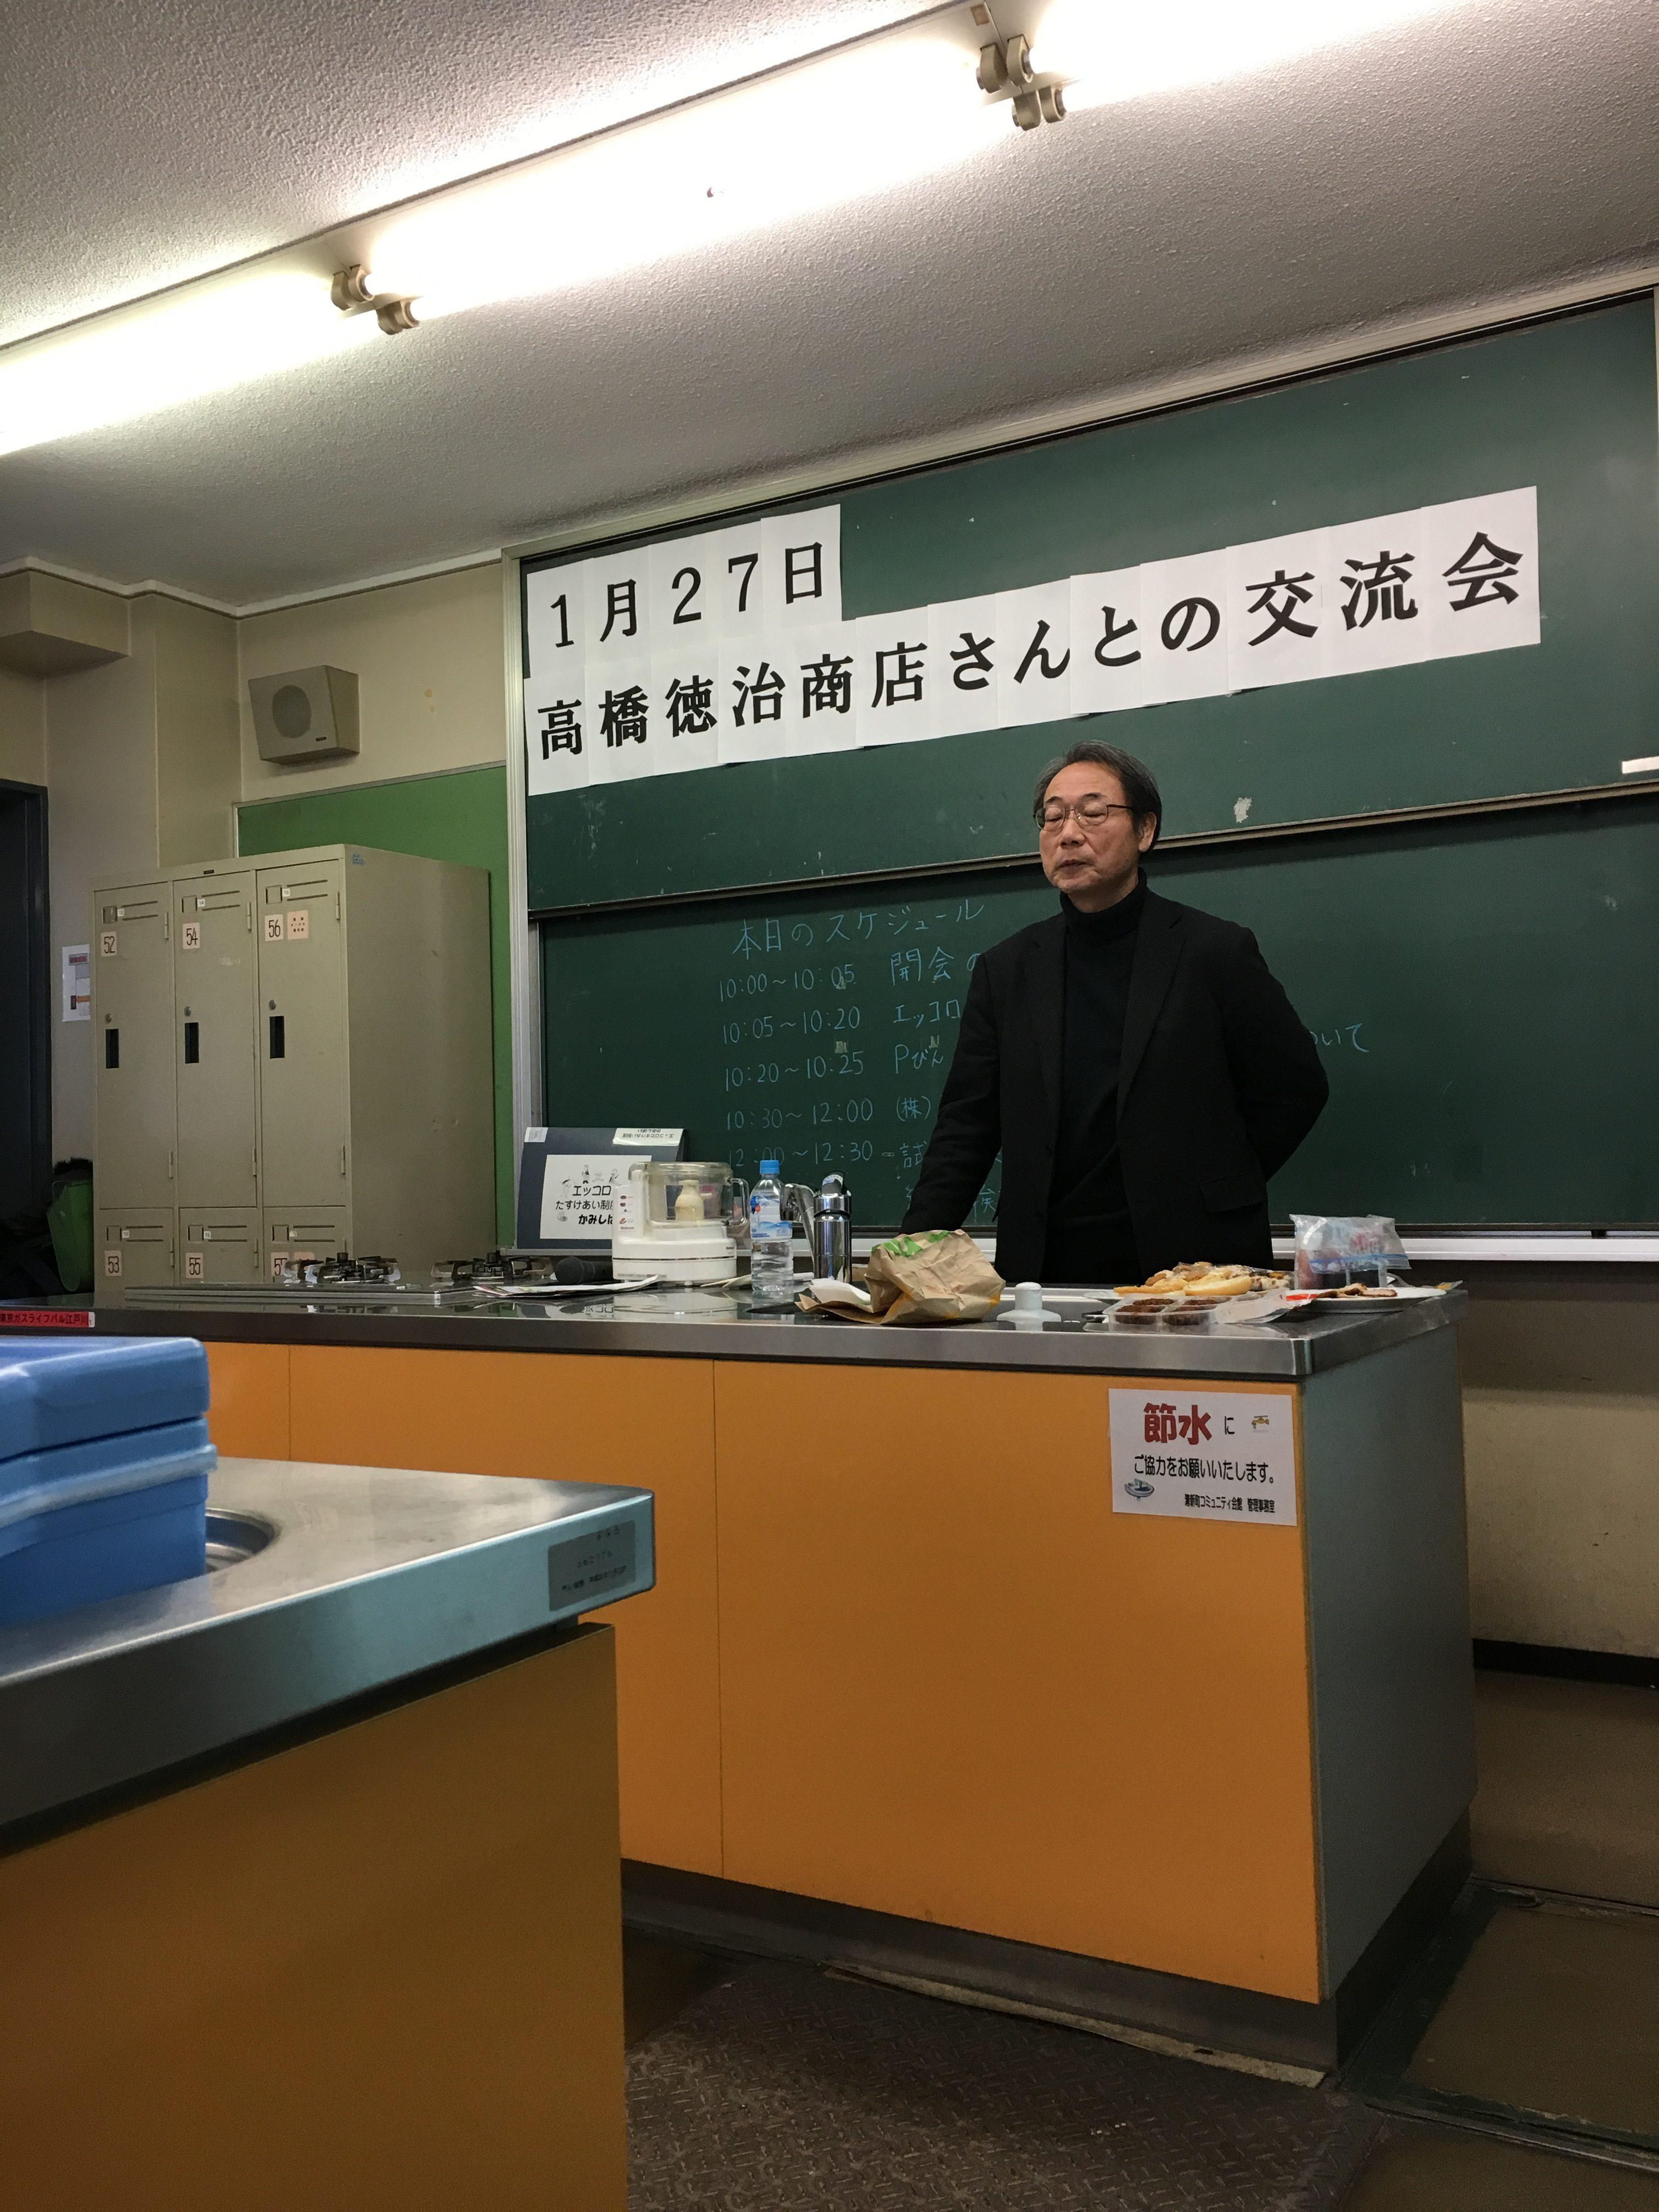 生活クラブ生協 高橋徳治商店さんとの交流会に参加して 1月27日 | 本西 ...